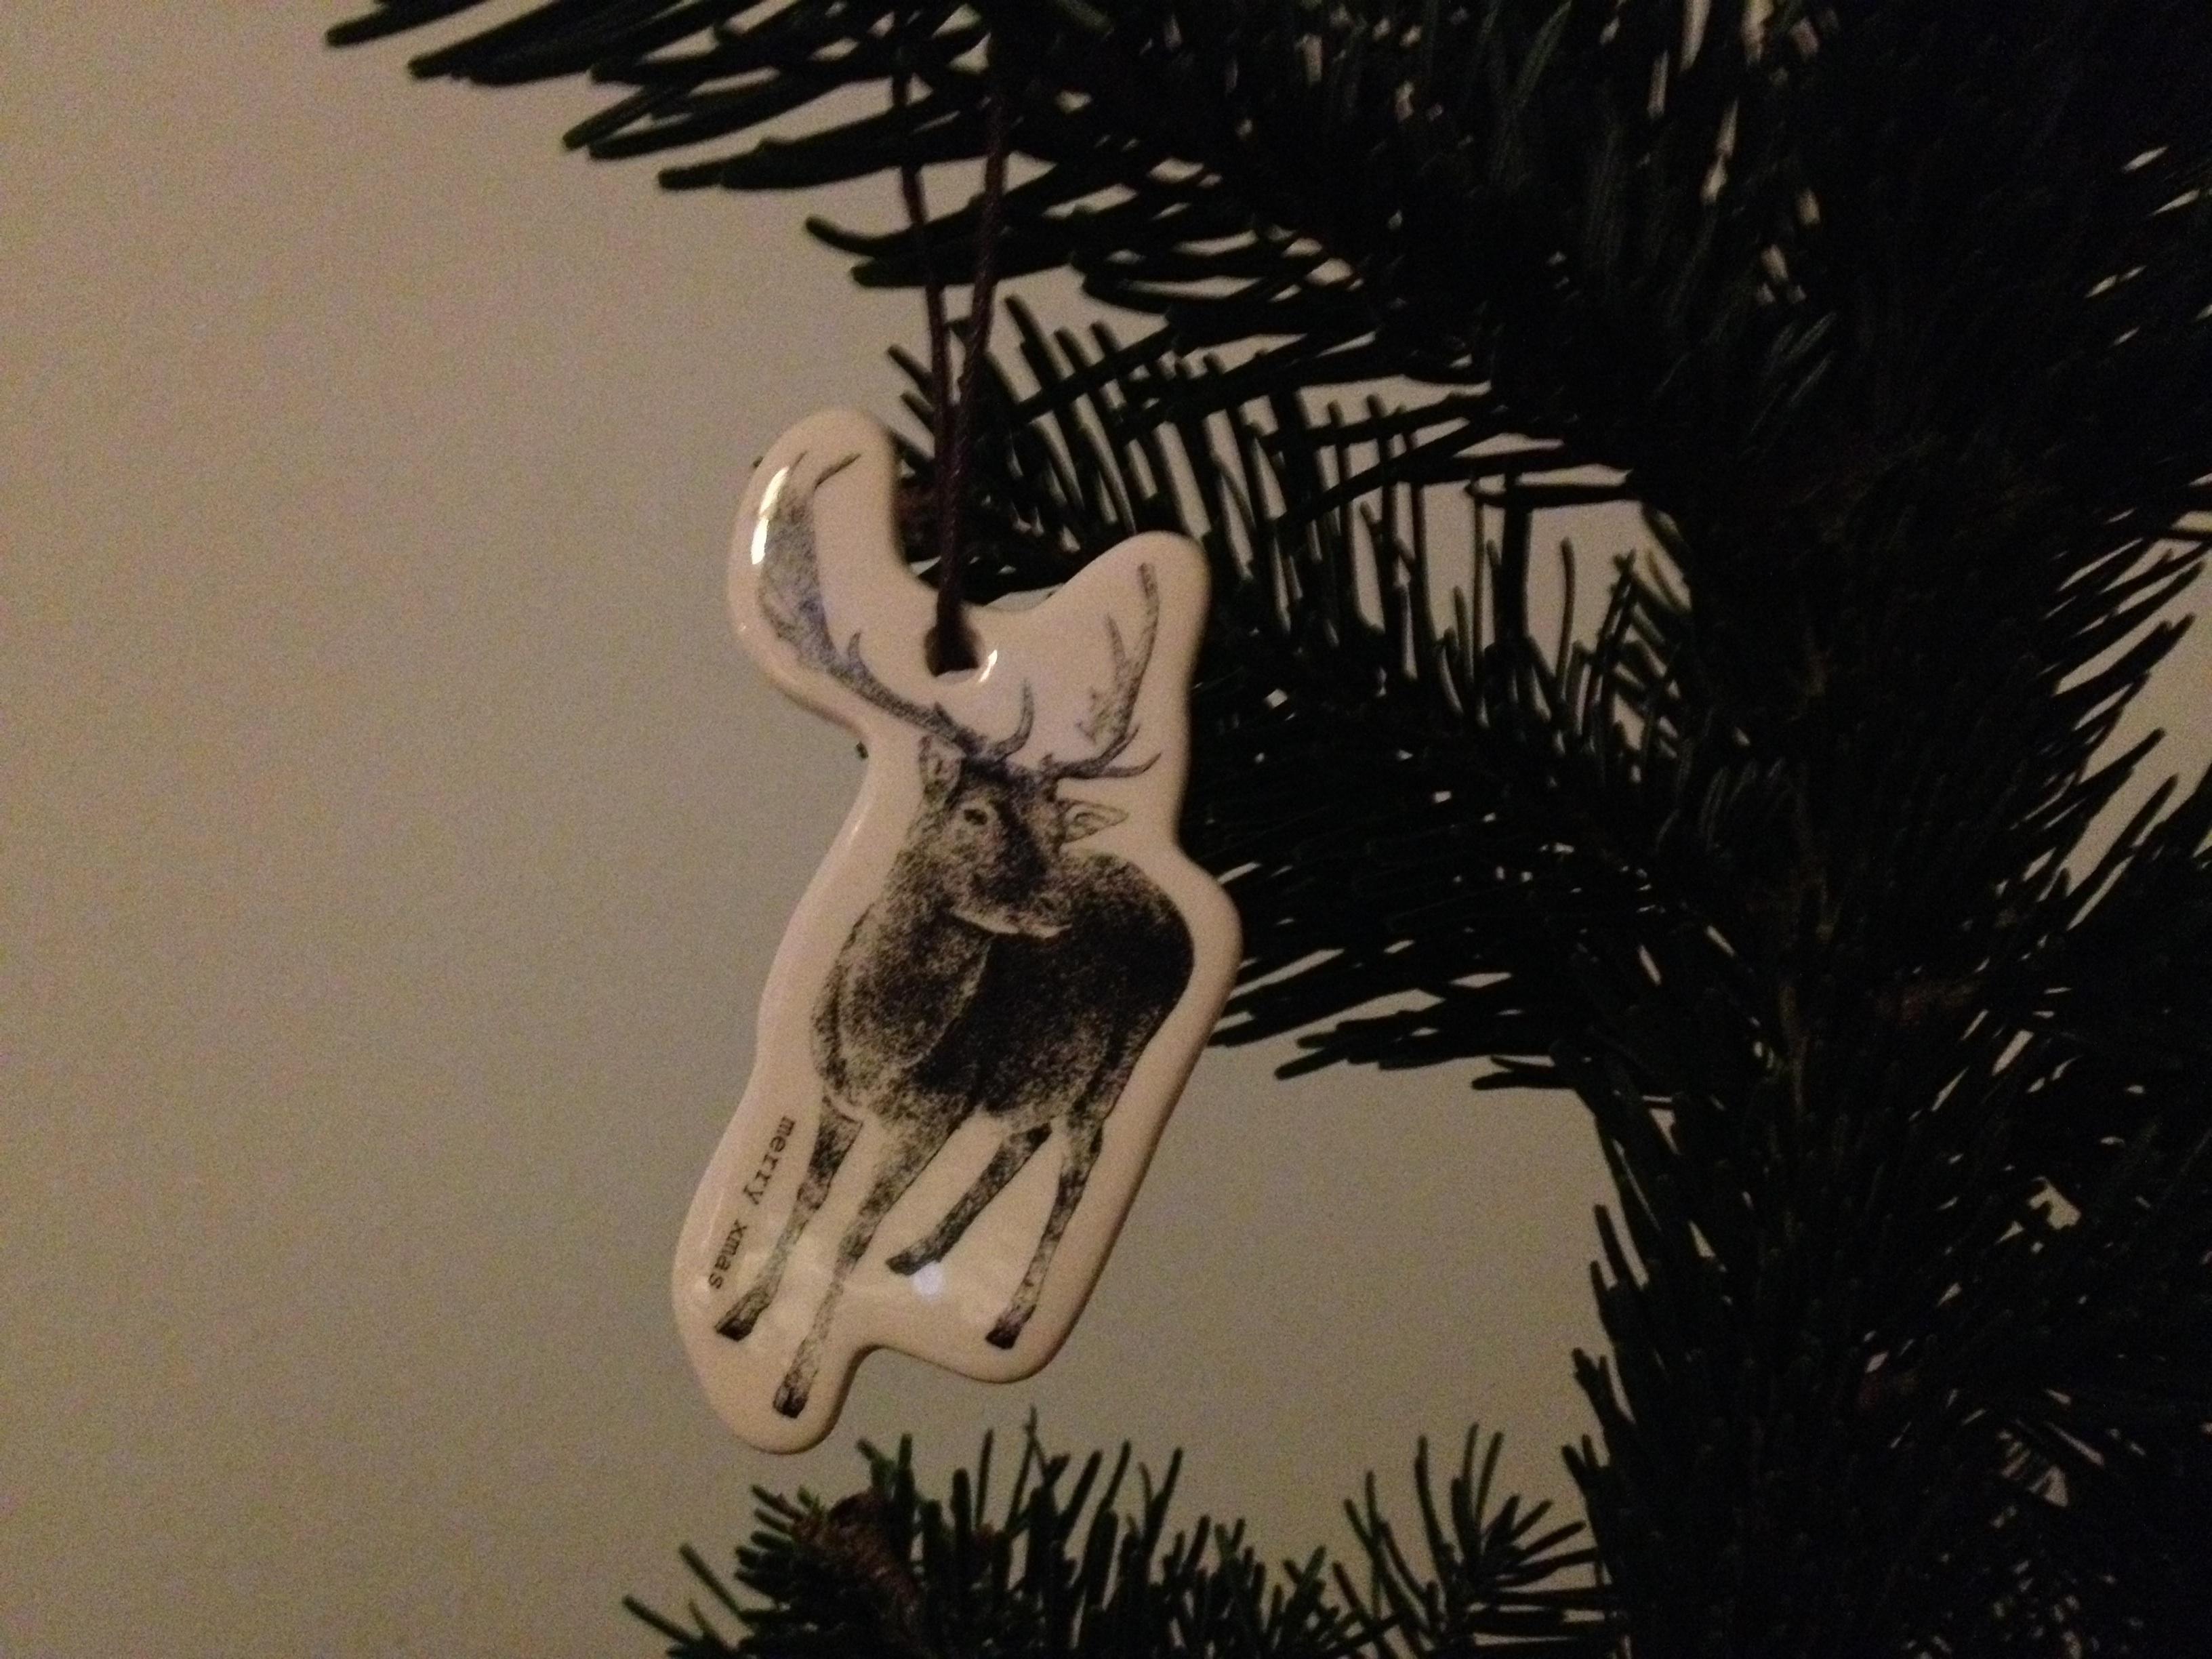 Julepynt 2